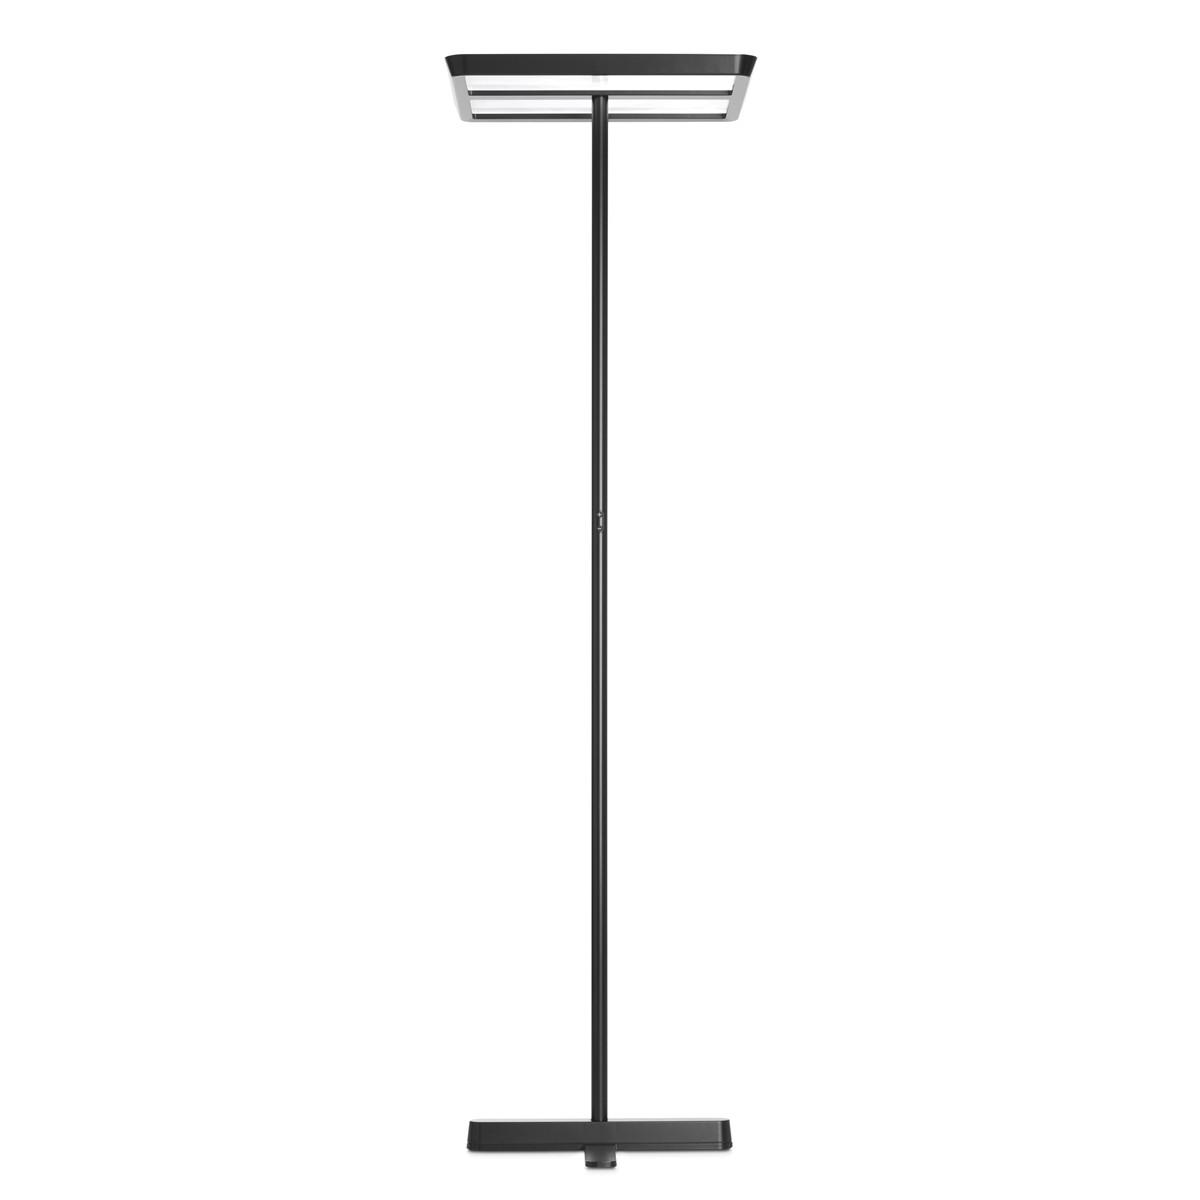 Belux Karo-10 Stehleuchte, Licht symmetrisch, dimmbar DALI, schwarz